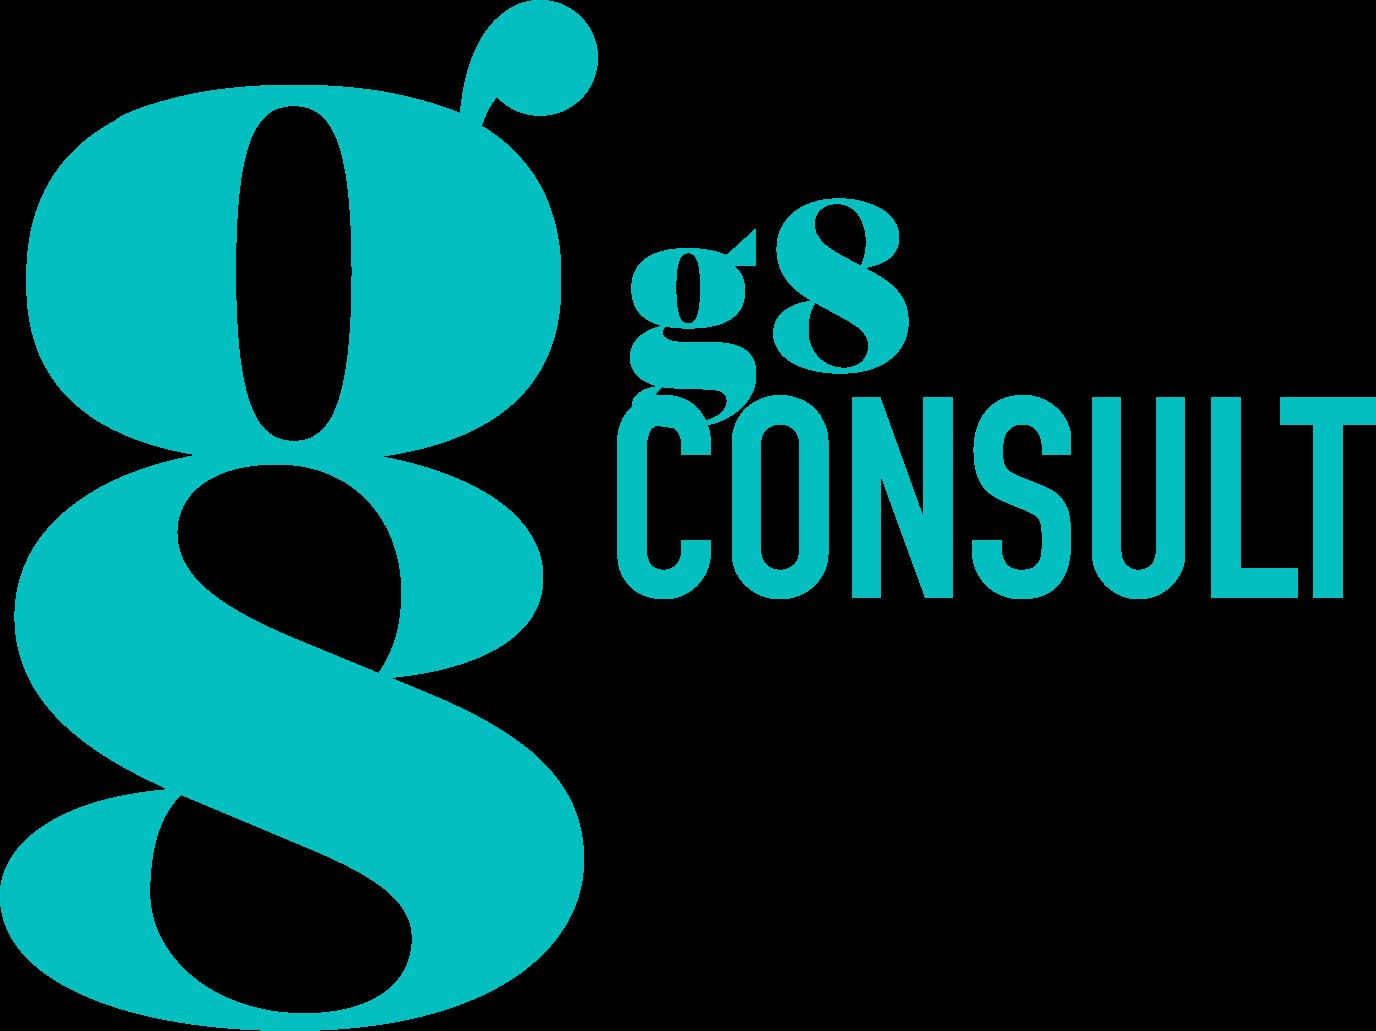 g8 consult